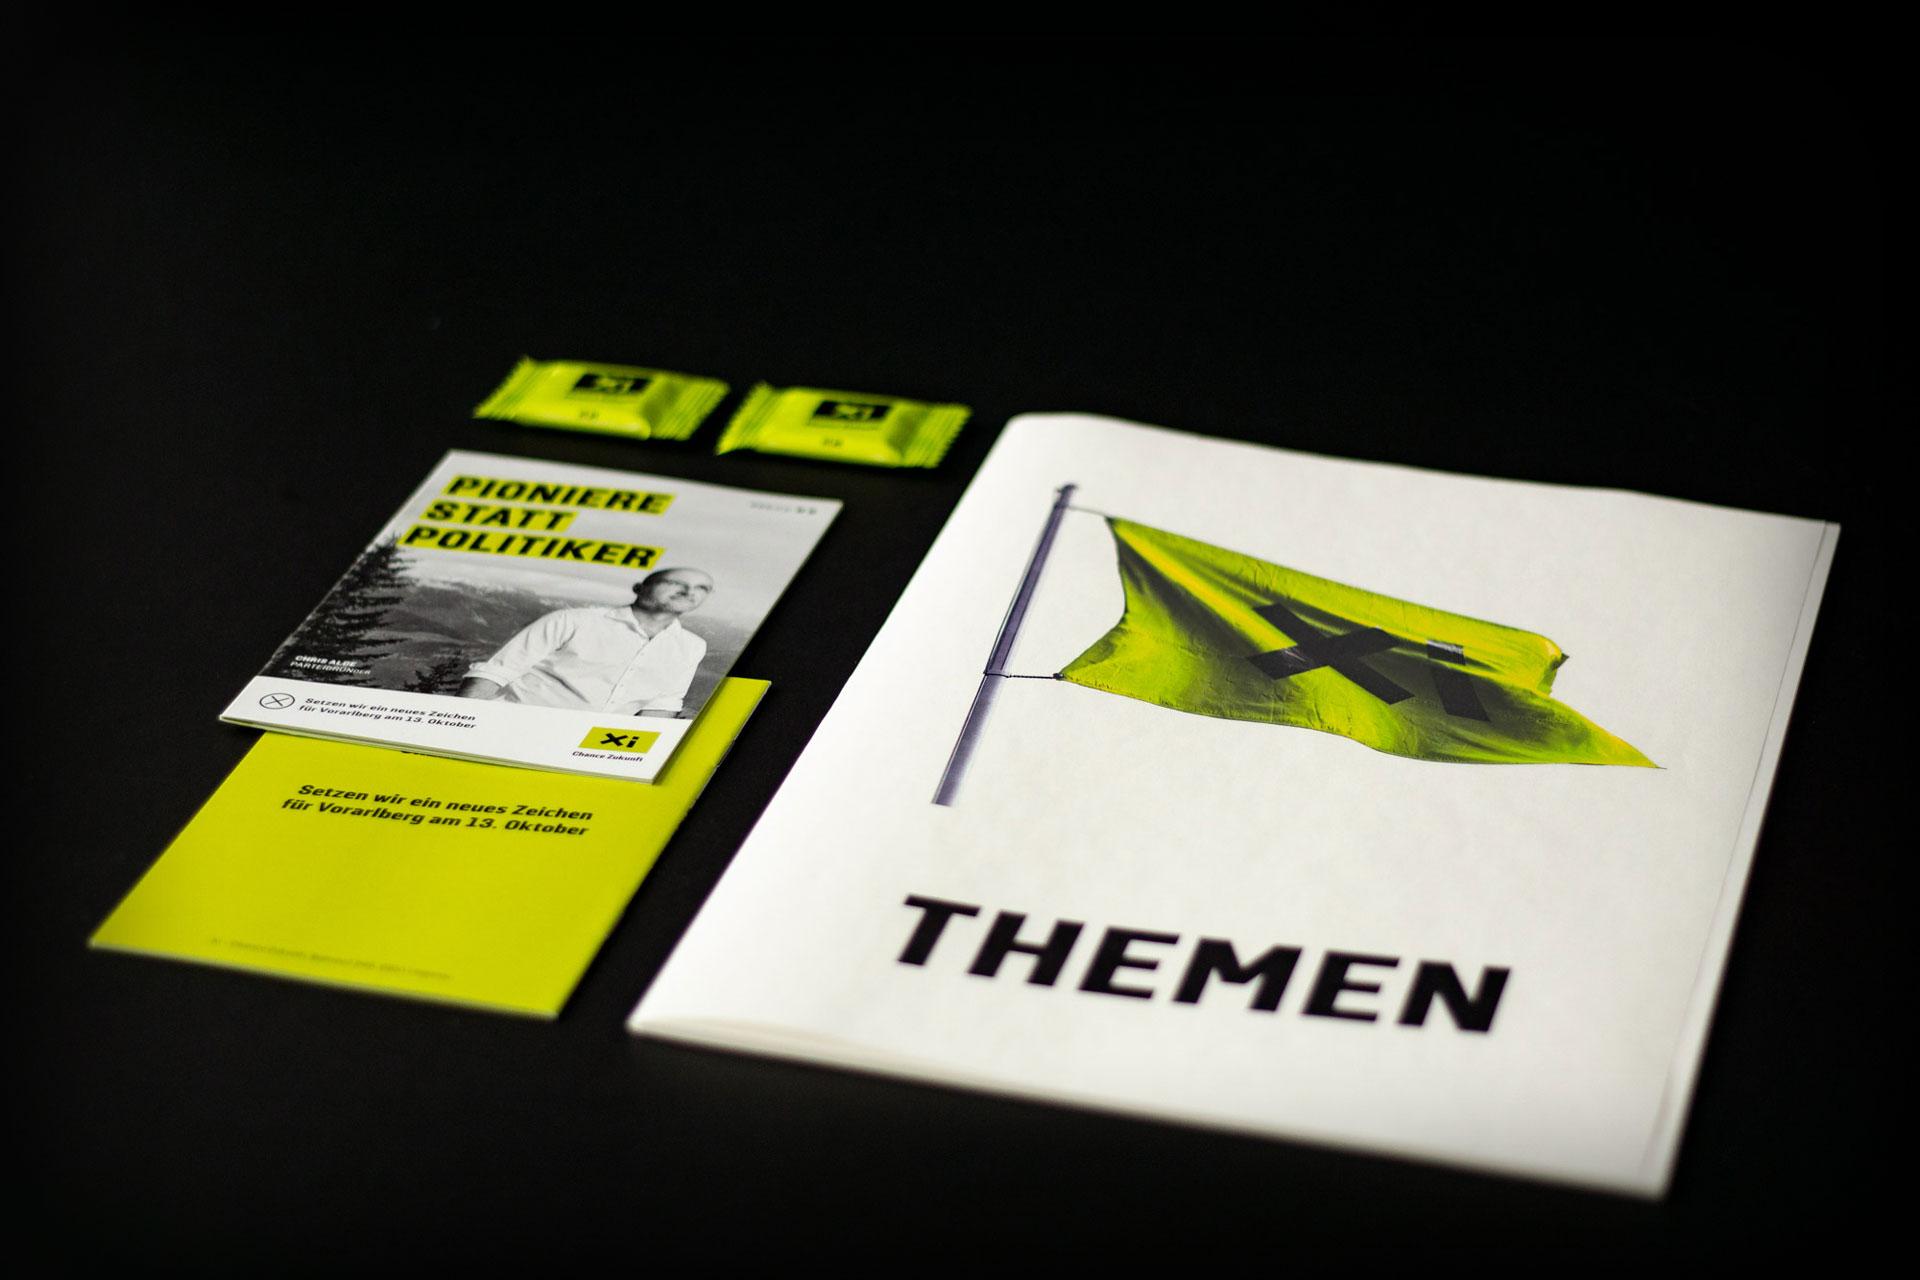 Corporate Design der Partei Xi – Chance Zukunft – von Bernhard Hafele